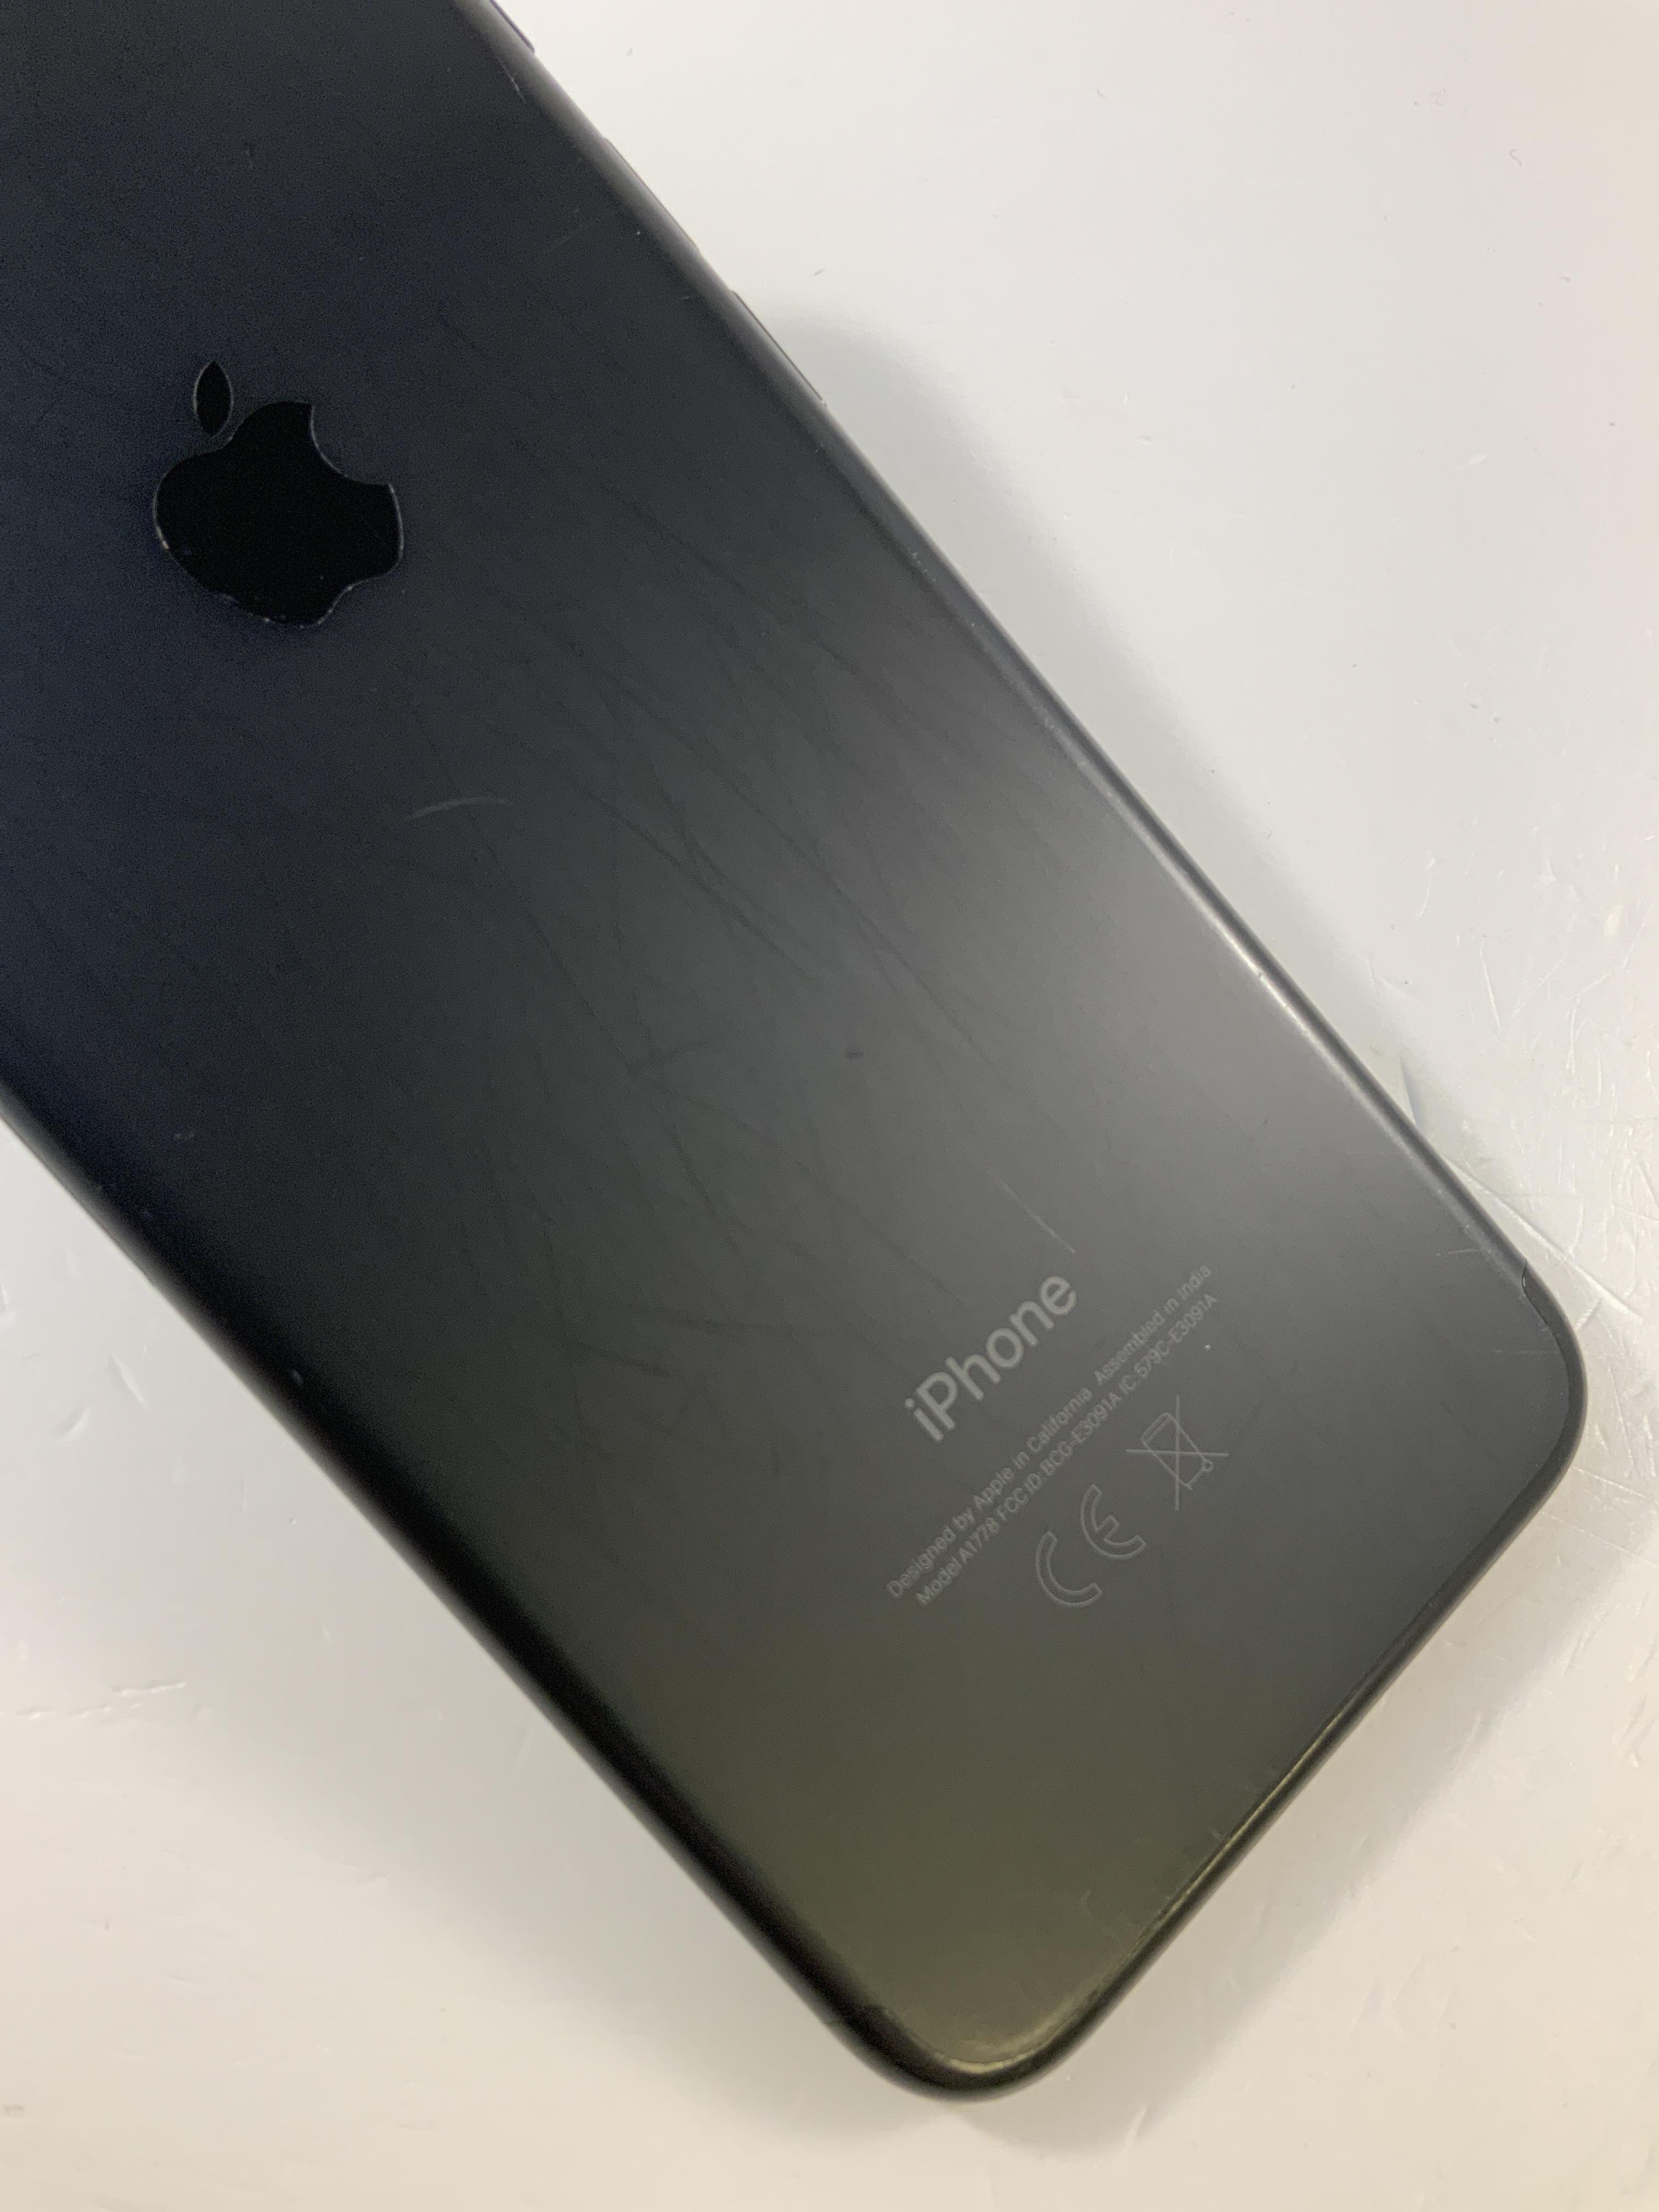 iPhone 7 32GB, 32GB, Black, imagen 5